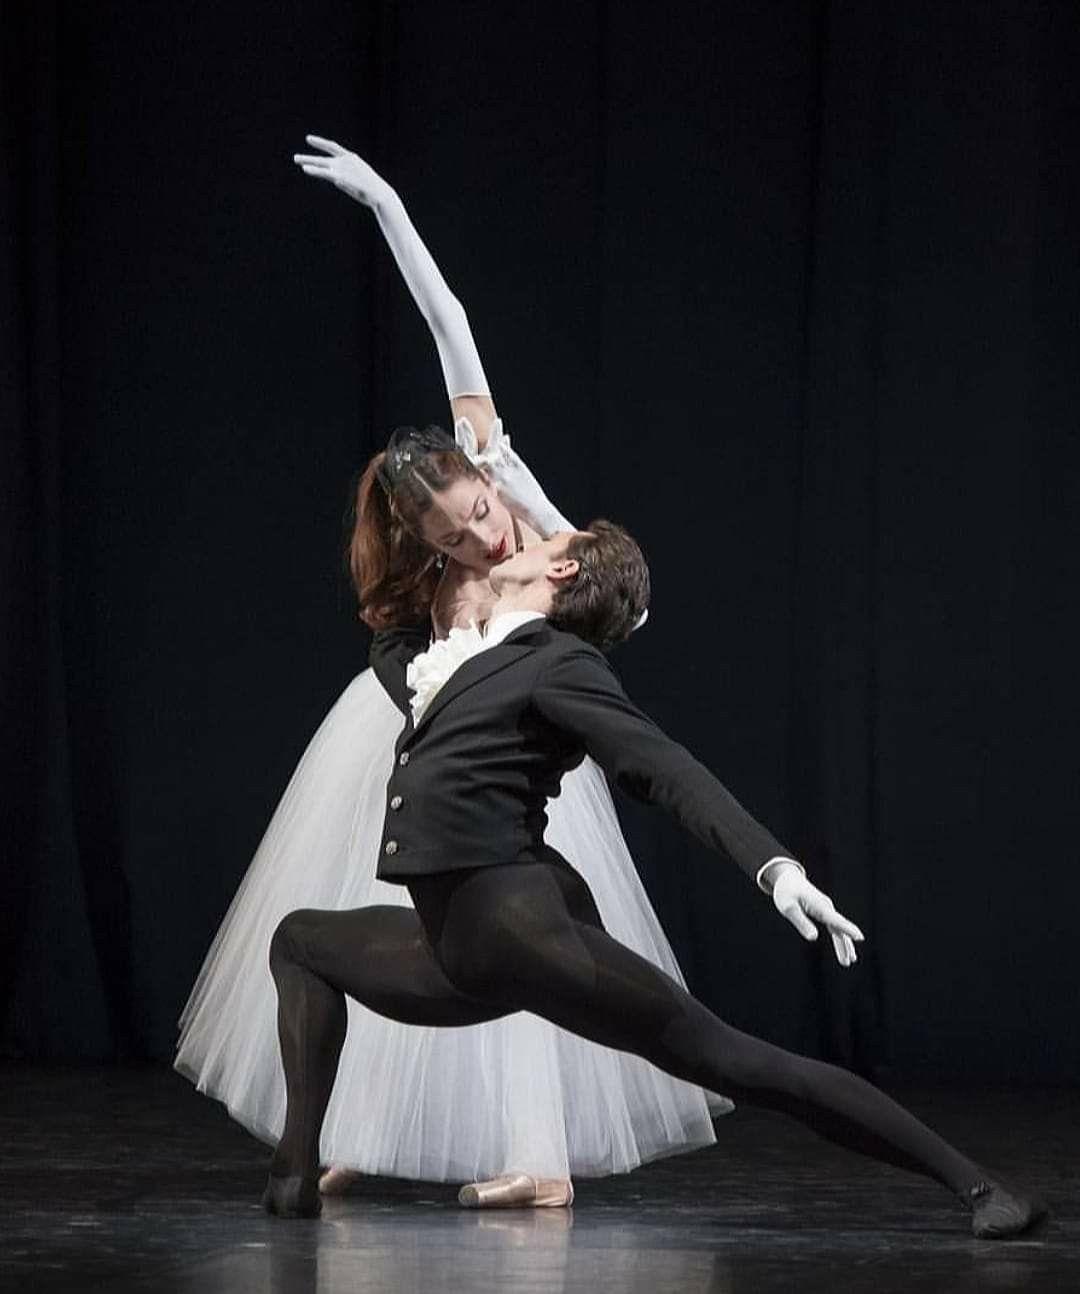 ballerina おしゃれまとめの人気アイデア pinterest katsumi ishizaki バレエダンサー ダンサー バレエ